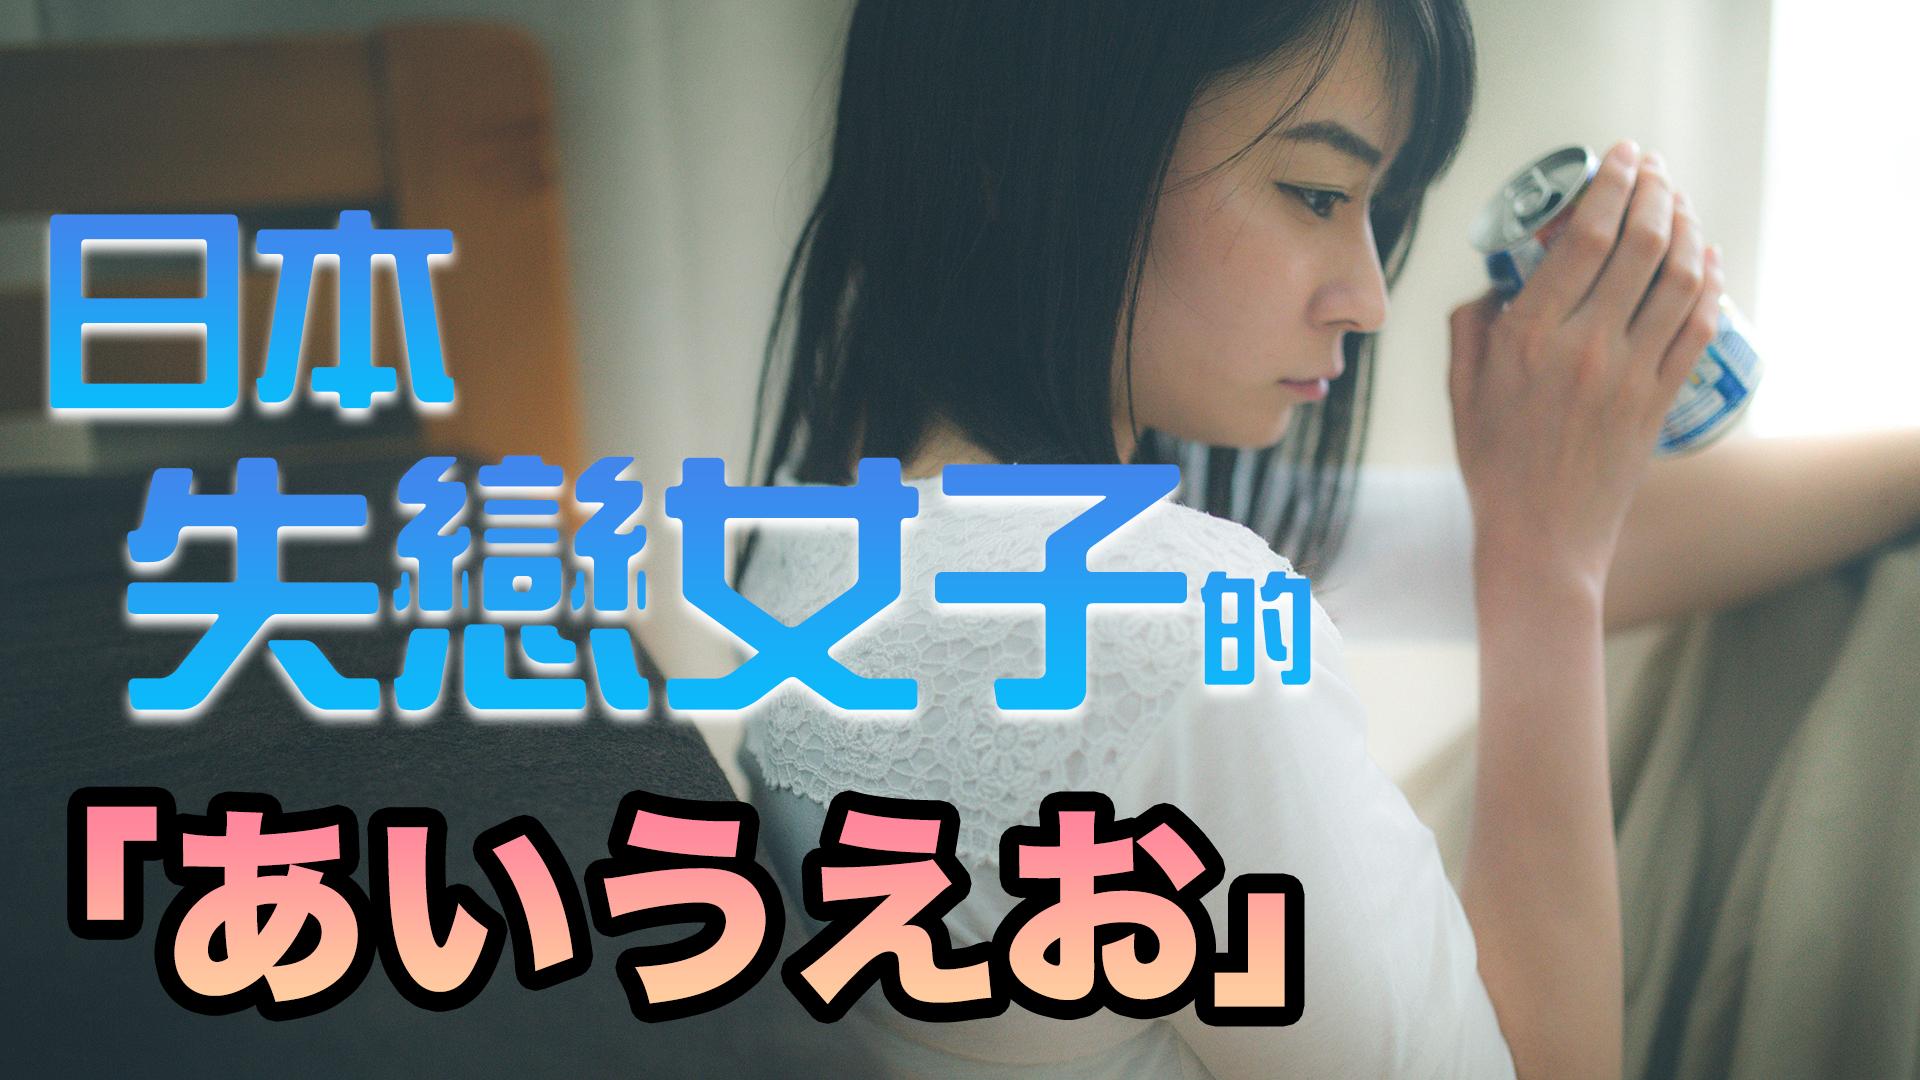 日本失戀女子的「あいうえお」——超級實用的日文例句/日本の失恋女の「あいうえお」-超実用的な日本語フレーズ